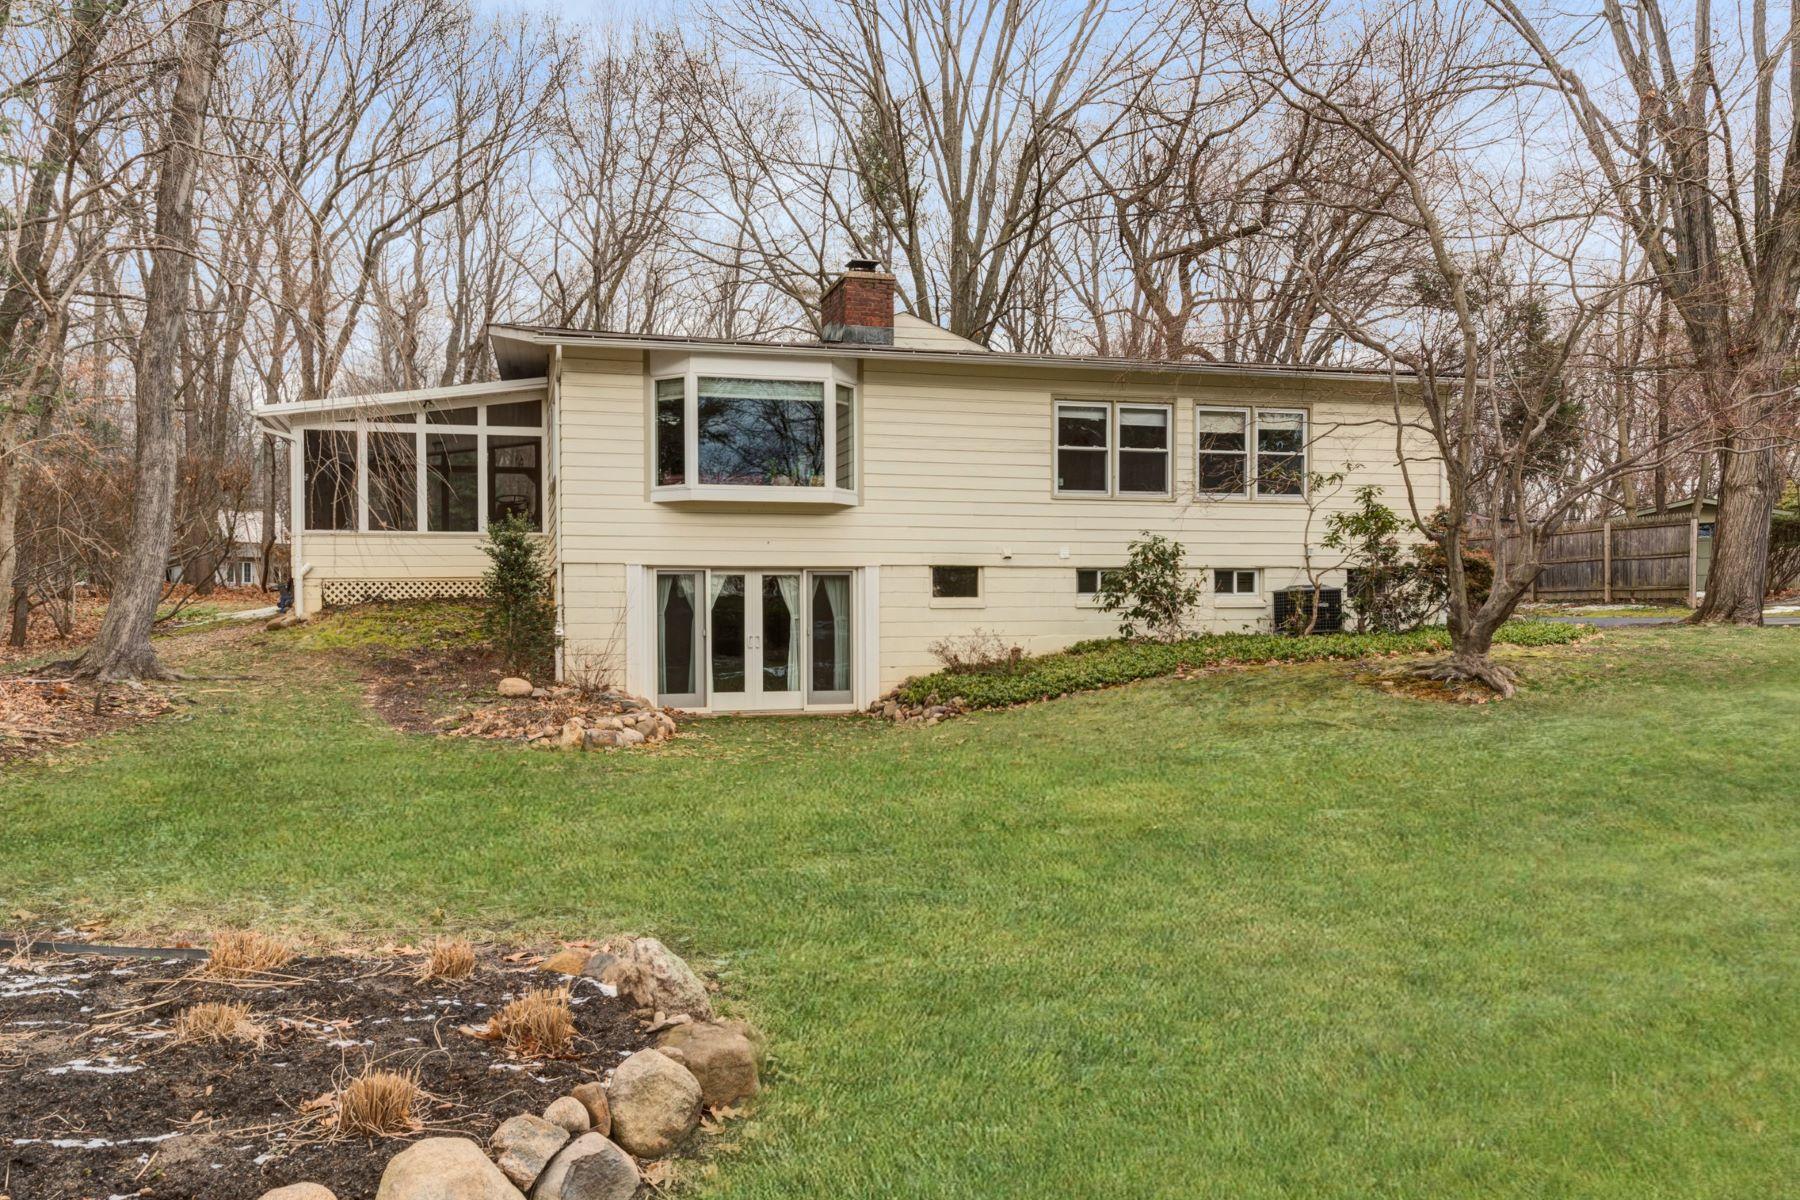 Частный односемейный дом для того Продажа на Mid-Century Modern Home 35 Hickory Hill Road Tappan, Нью-Йорк 10983 Соединенные Штаты